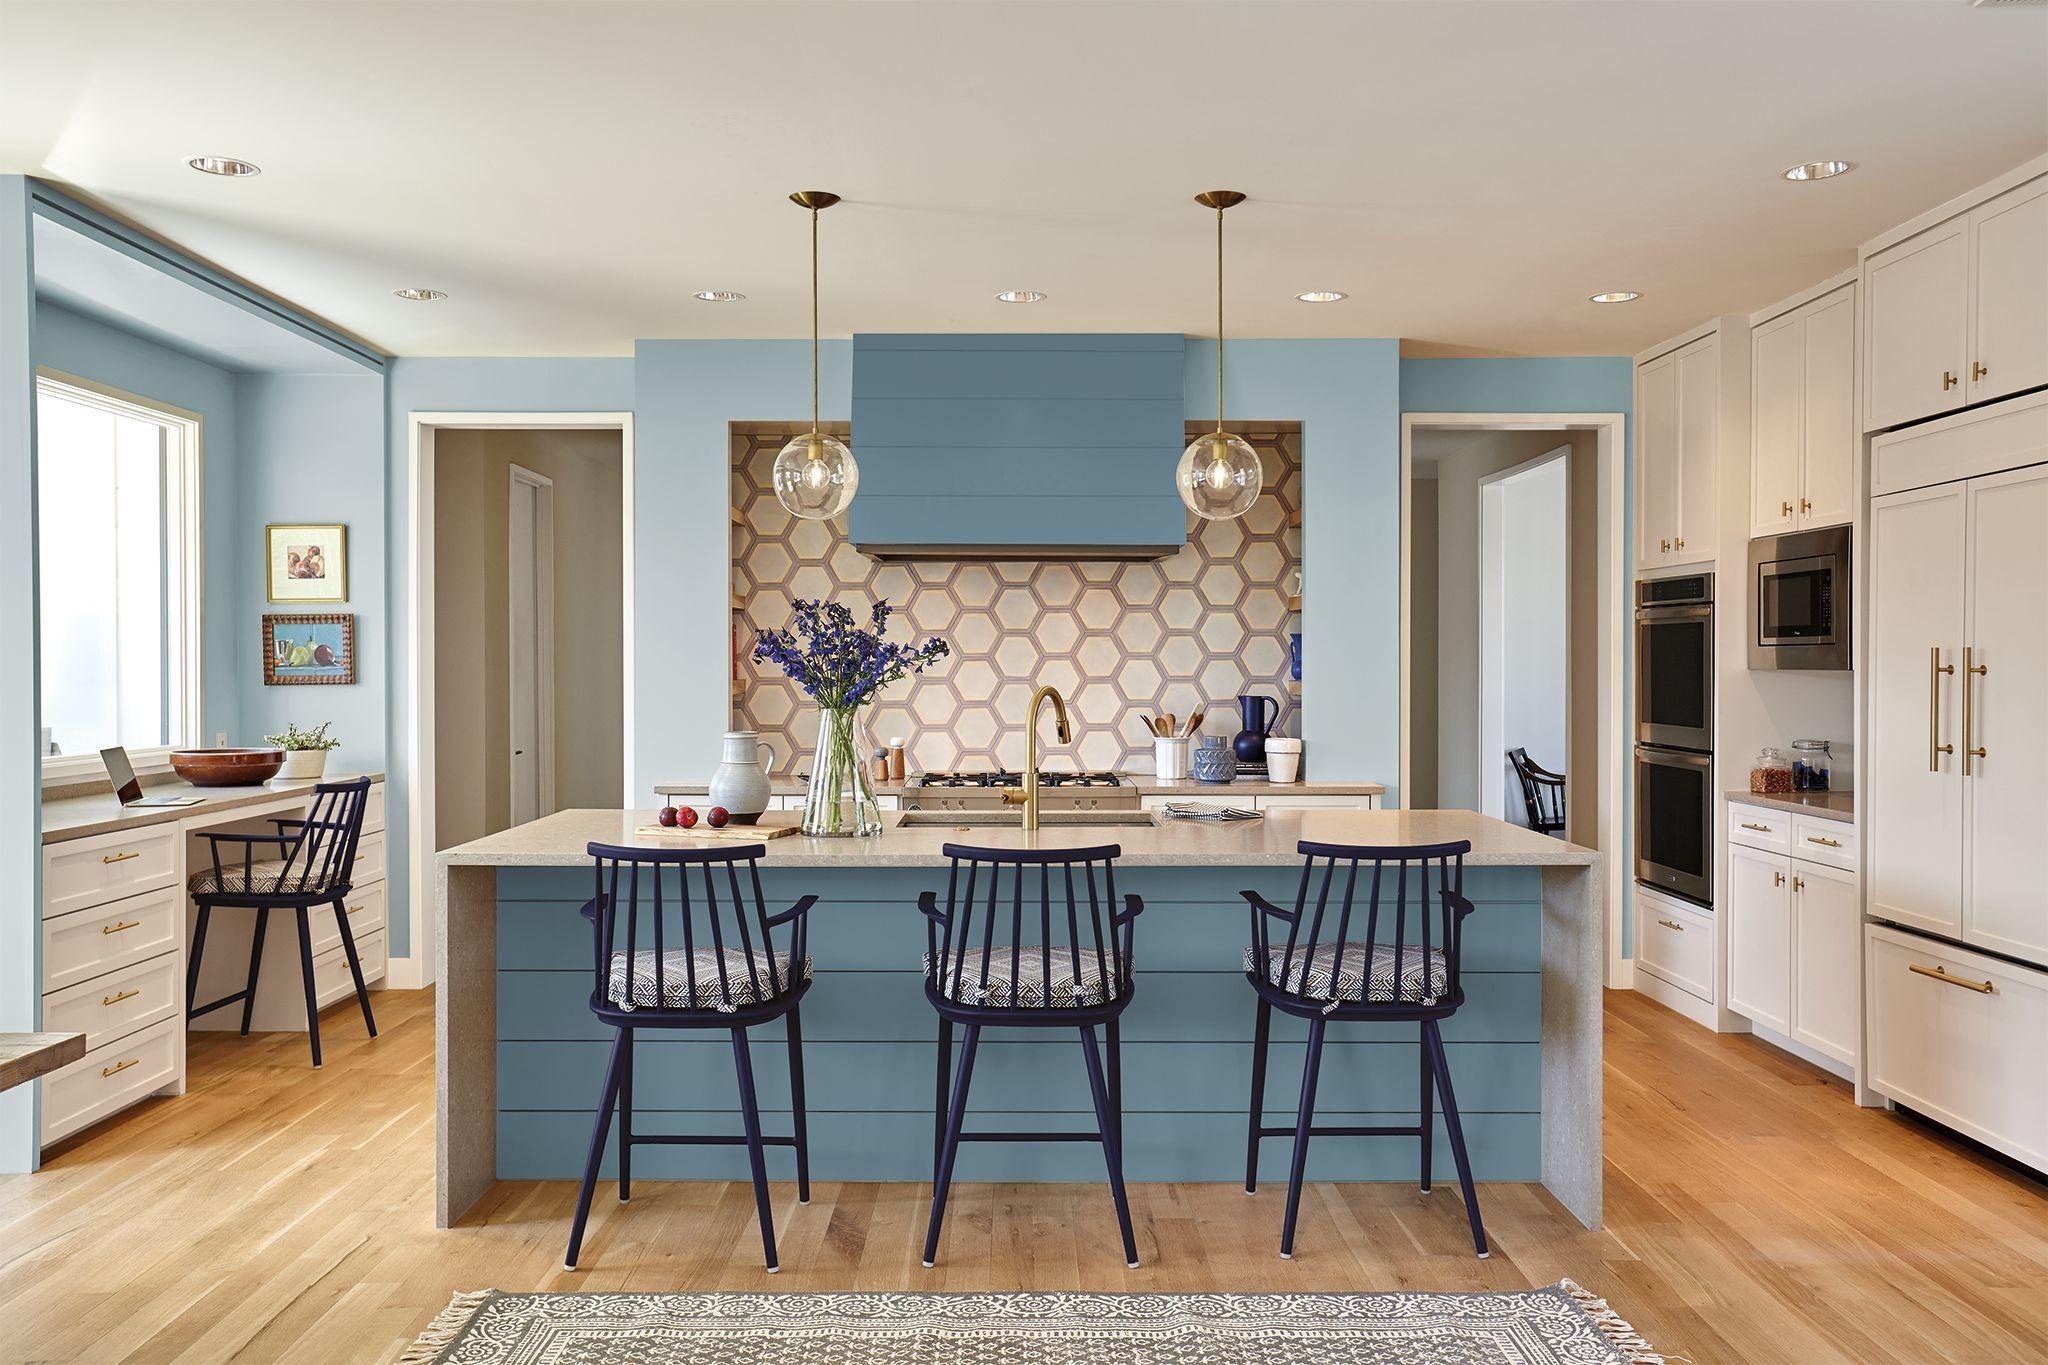 behr-kitchen-blueprint-watery-1535034592.jpeg